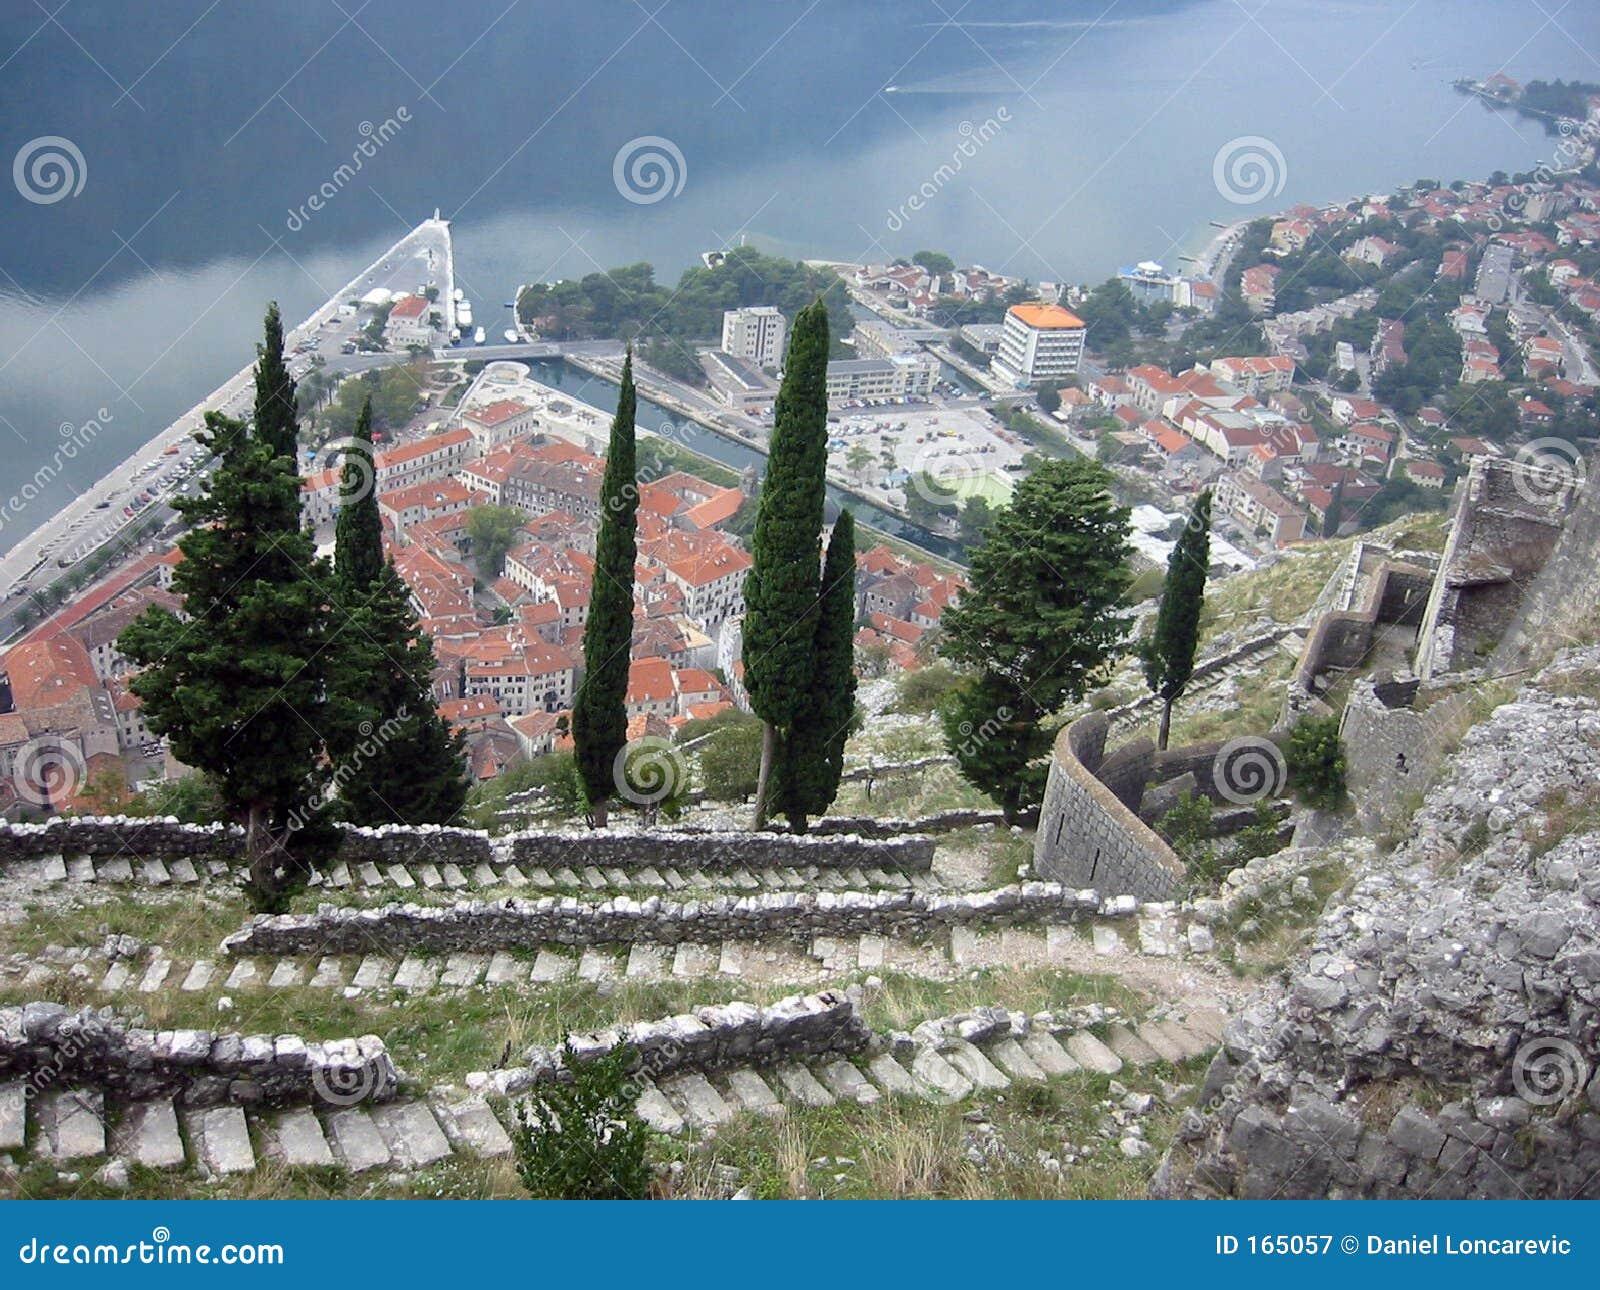 View at Port of Kotor